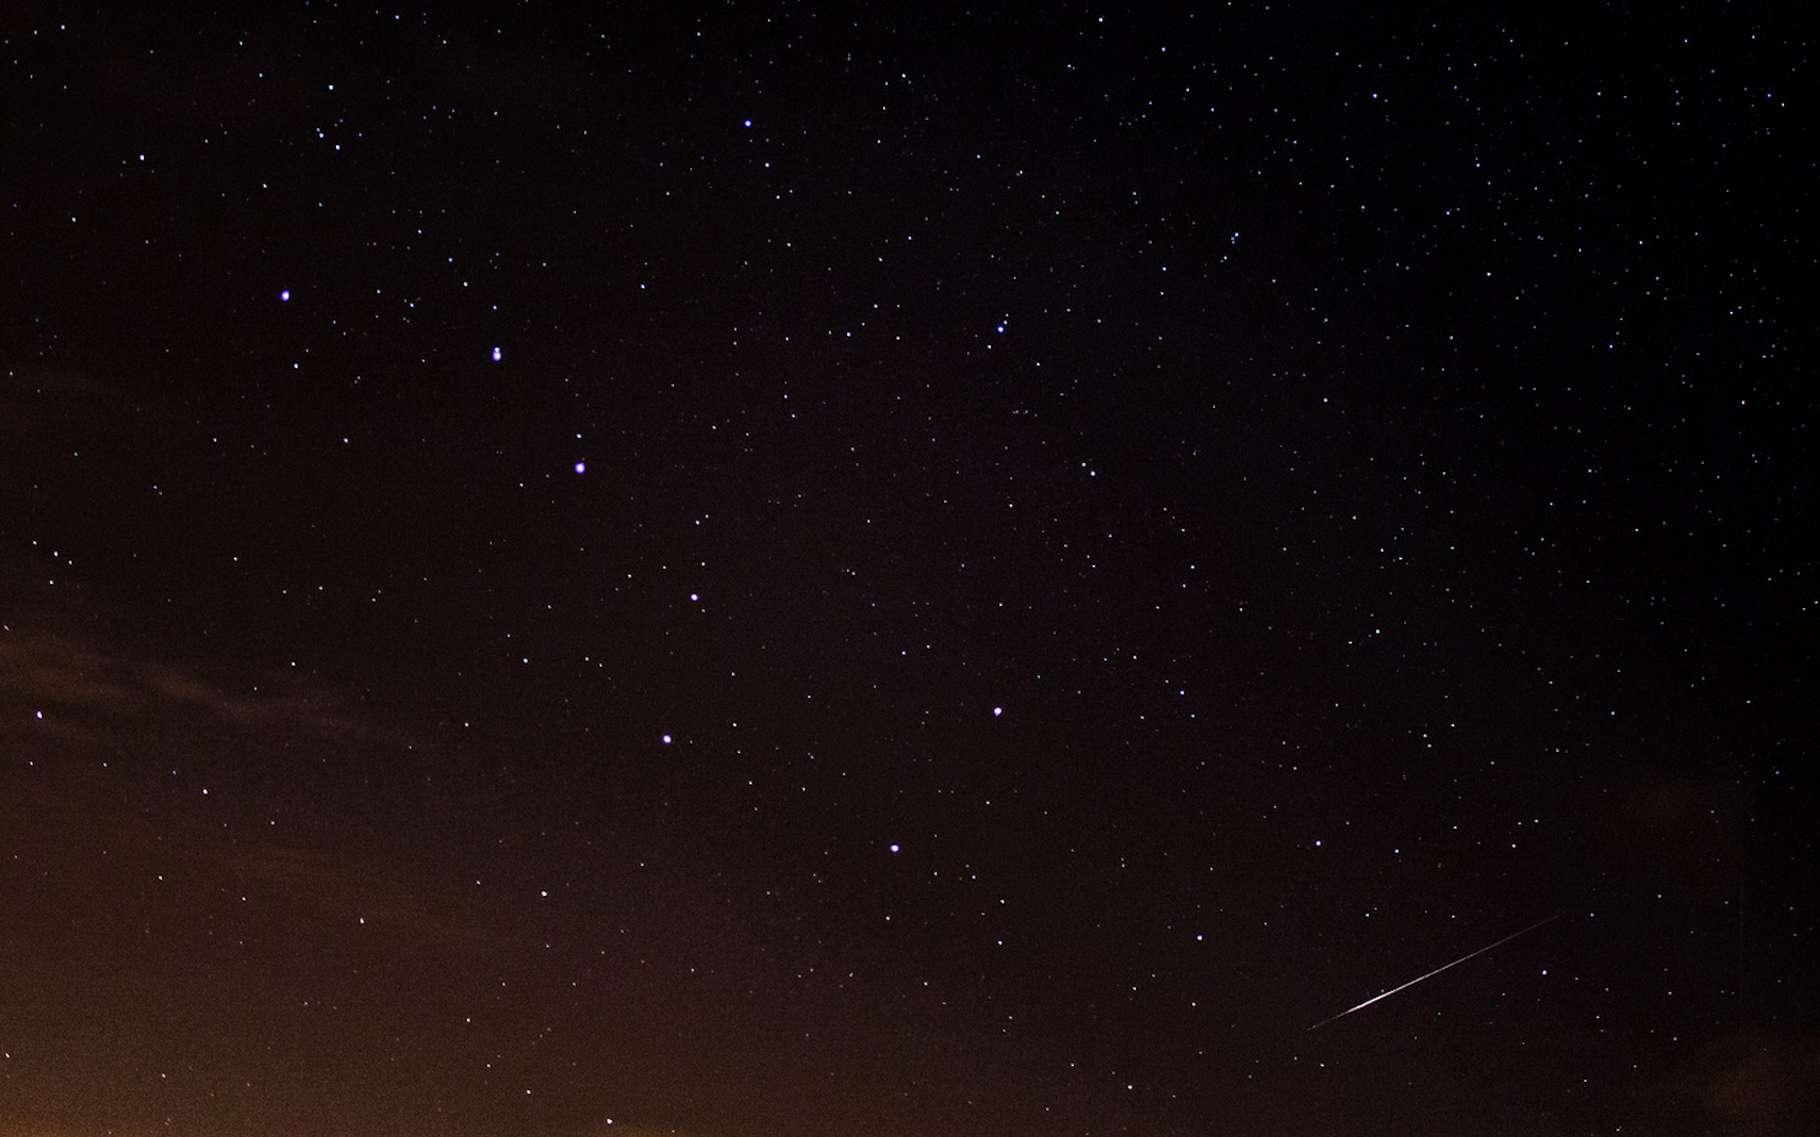 La constellation de la Grande Ourse est reconnaissable entre toutes par sa forme de casserole. © Gp photography, Fotolia